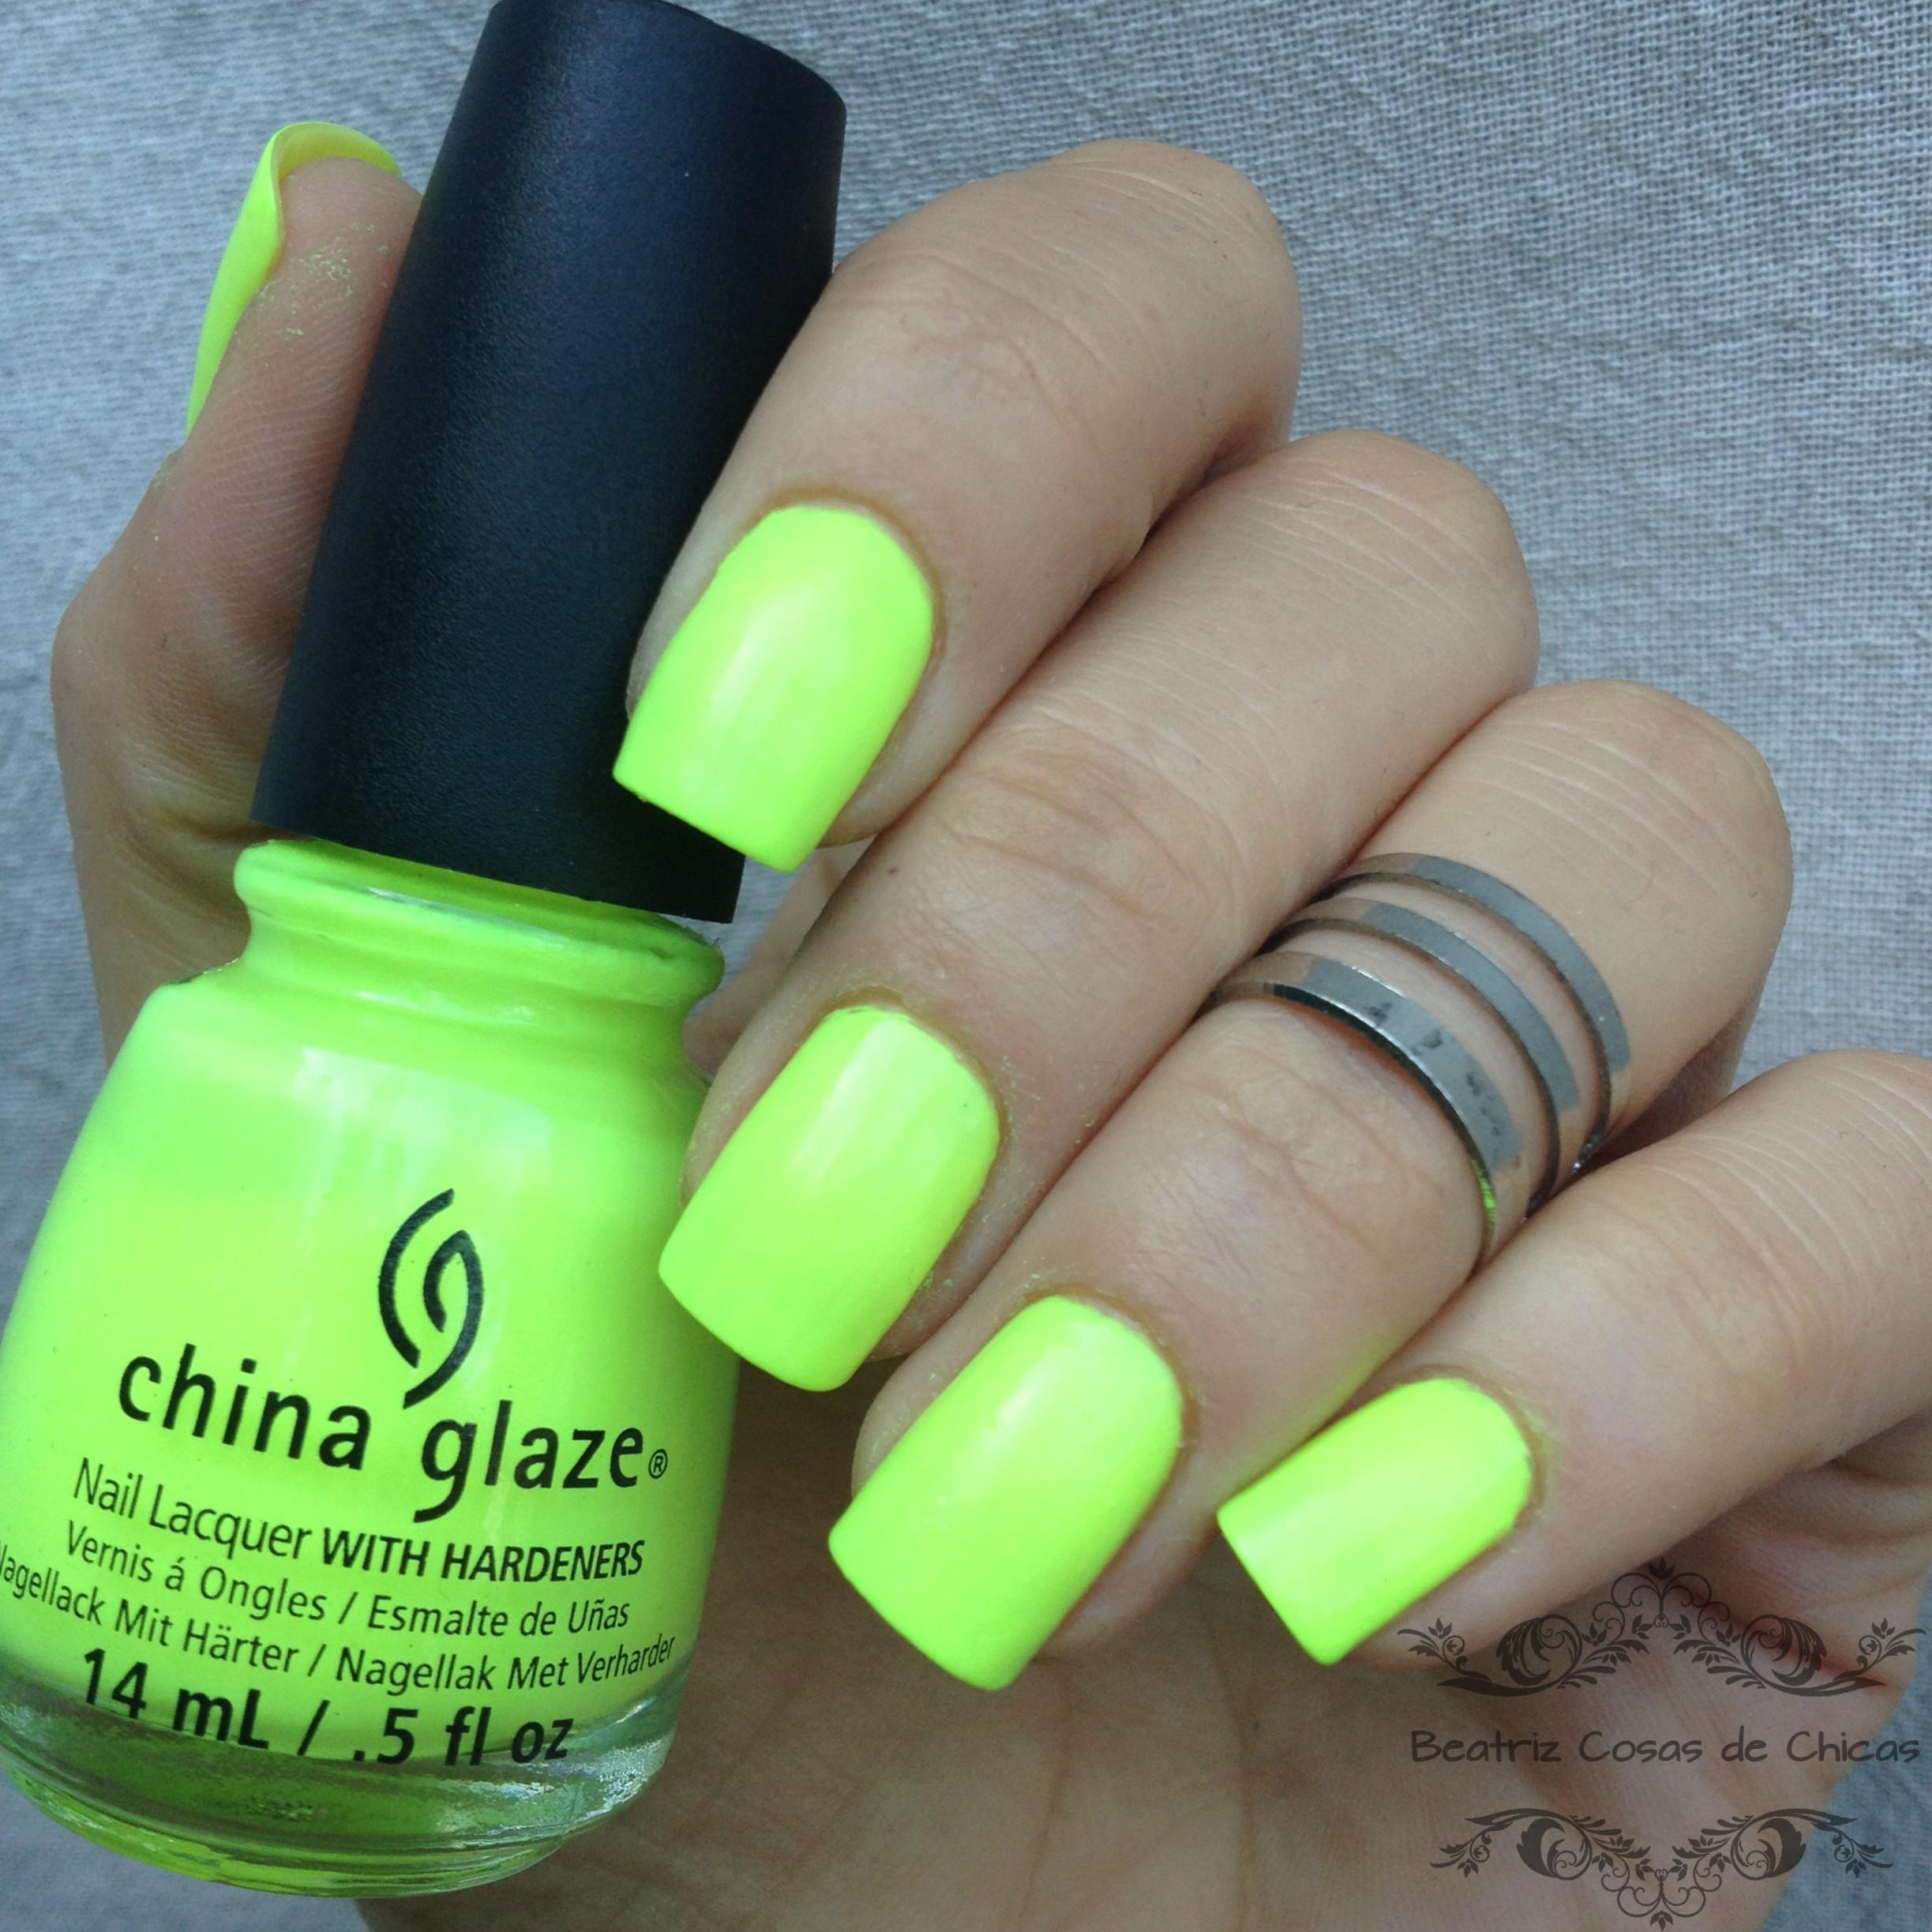 Manicura Fluor con China Glaze y Ejiubas | Beatriz Cosas de Chicas